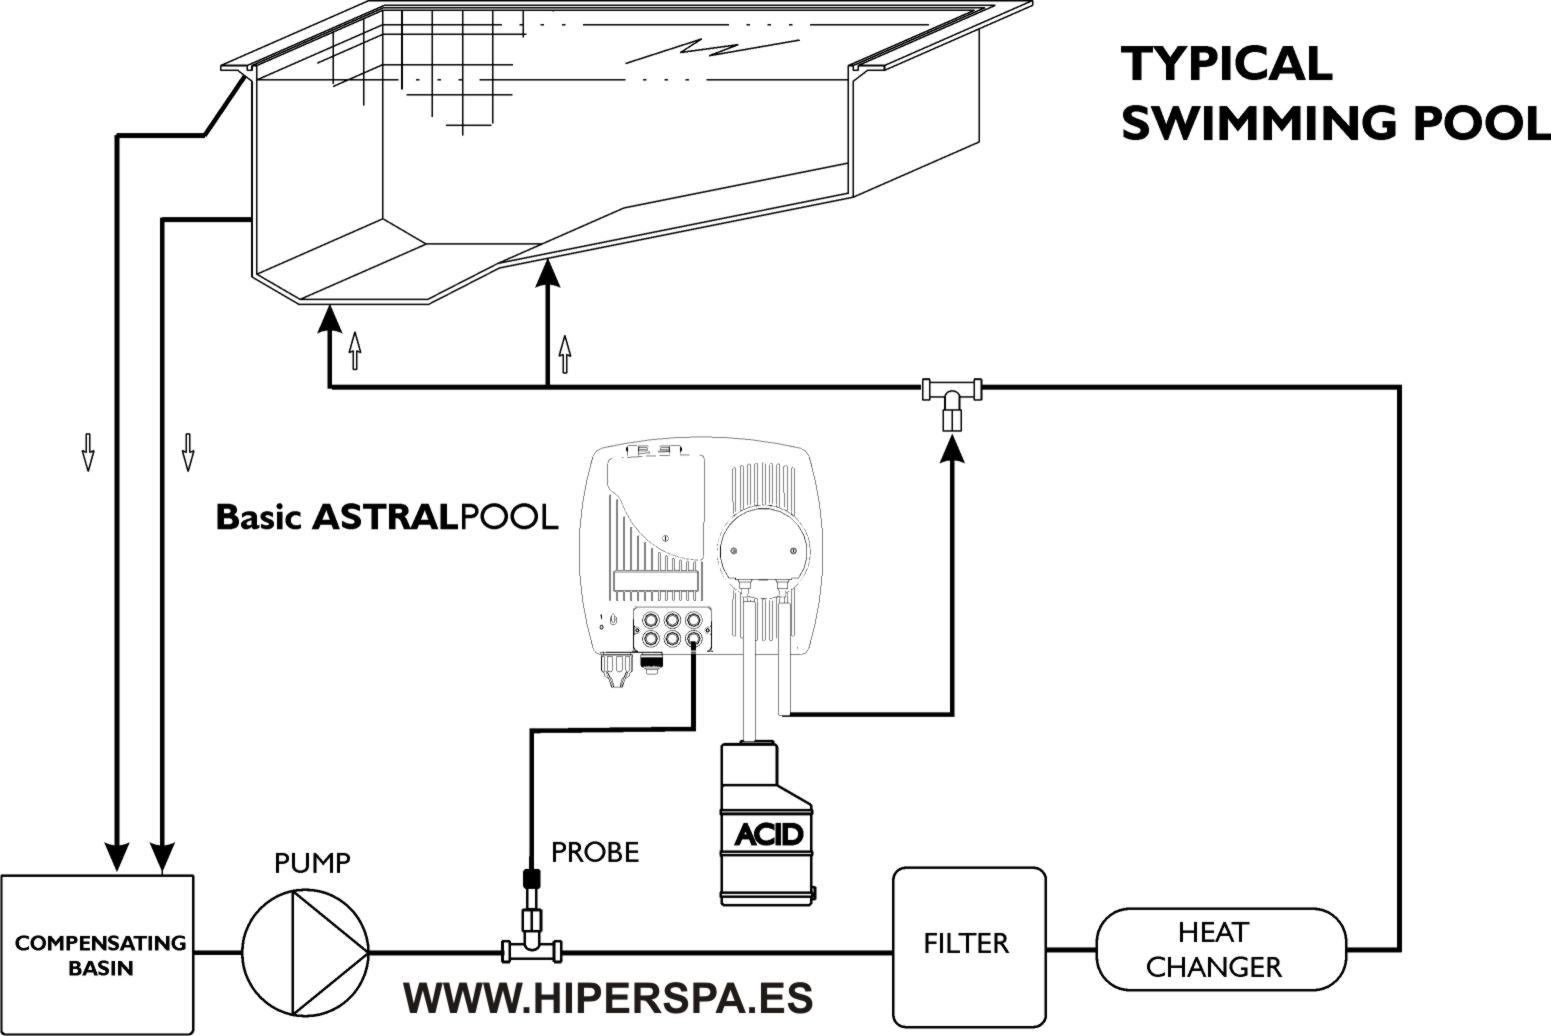 Bomba dosificador ph pure piscinas astralpool hasta 200 m for Instalacion hidraulica de una alberca